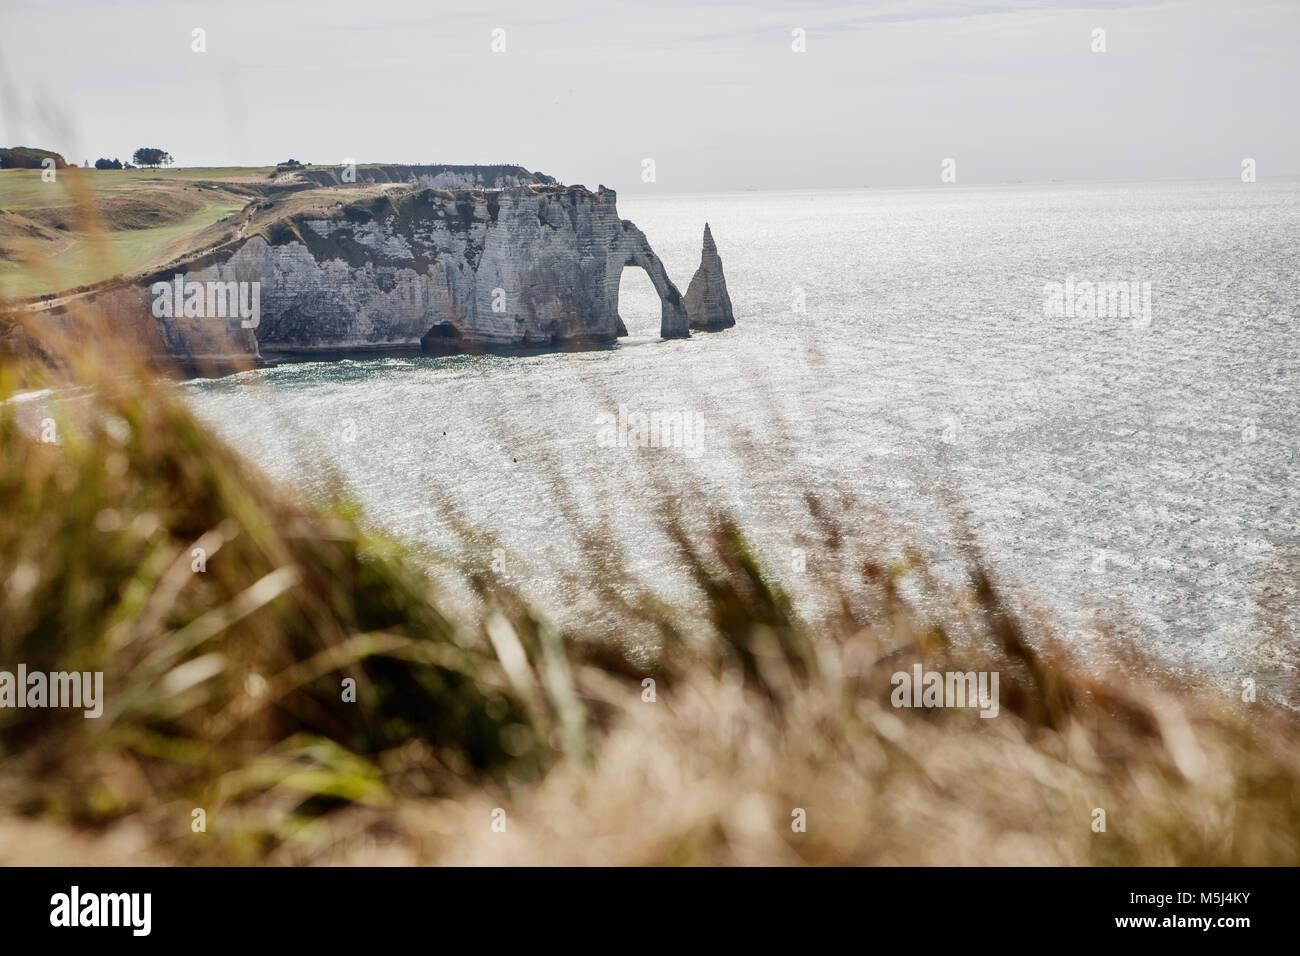 Falaise d'Etretat, Felsenküste von Etretat, Étretat, Porte d'Aval und die Aiguille,Etretat,Alabasterküste,Normandie,Frankreich - Stock Image